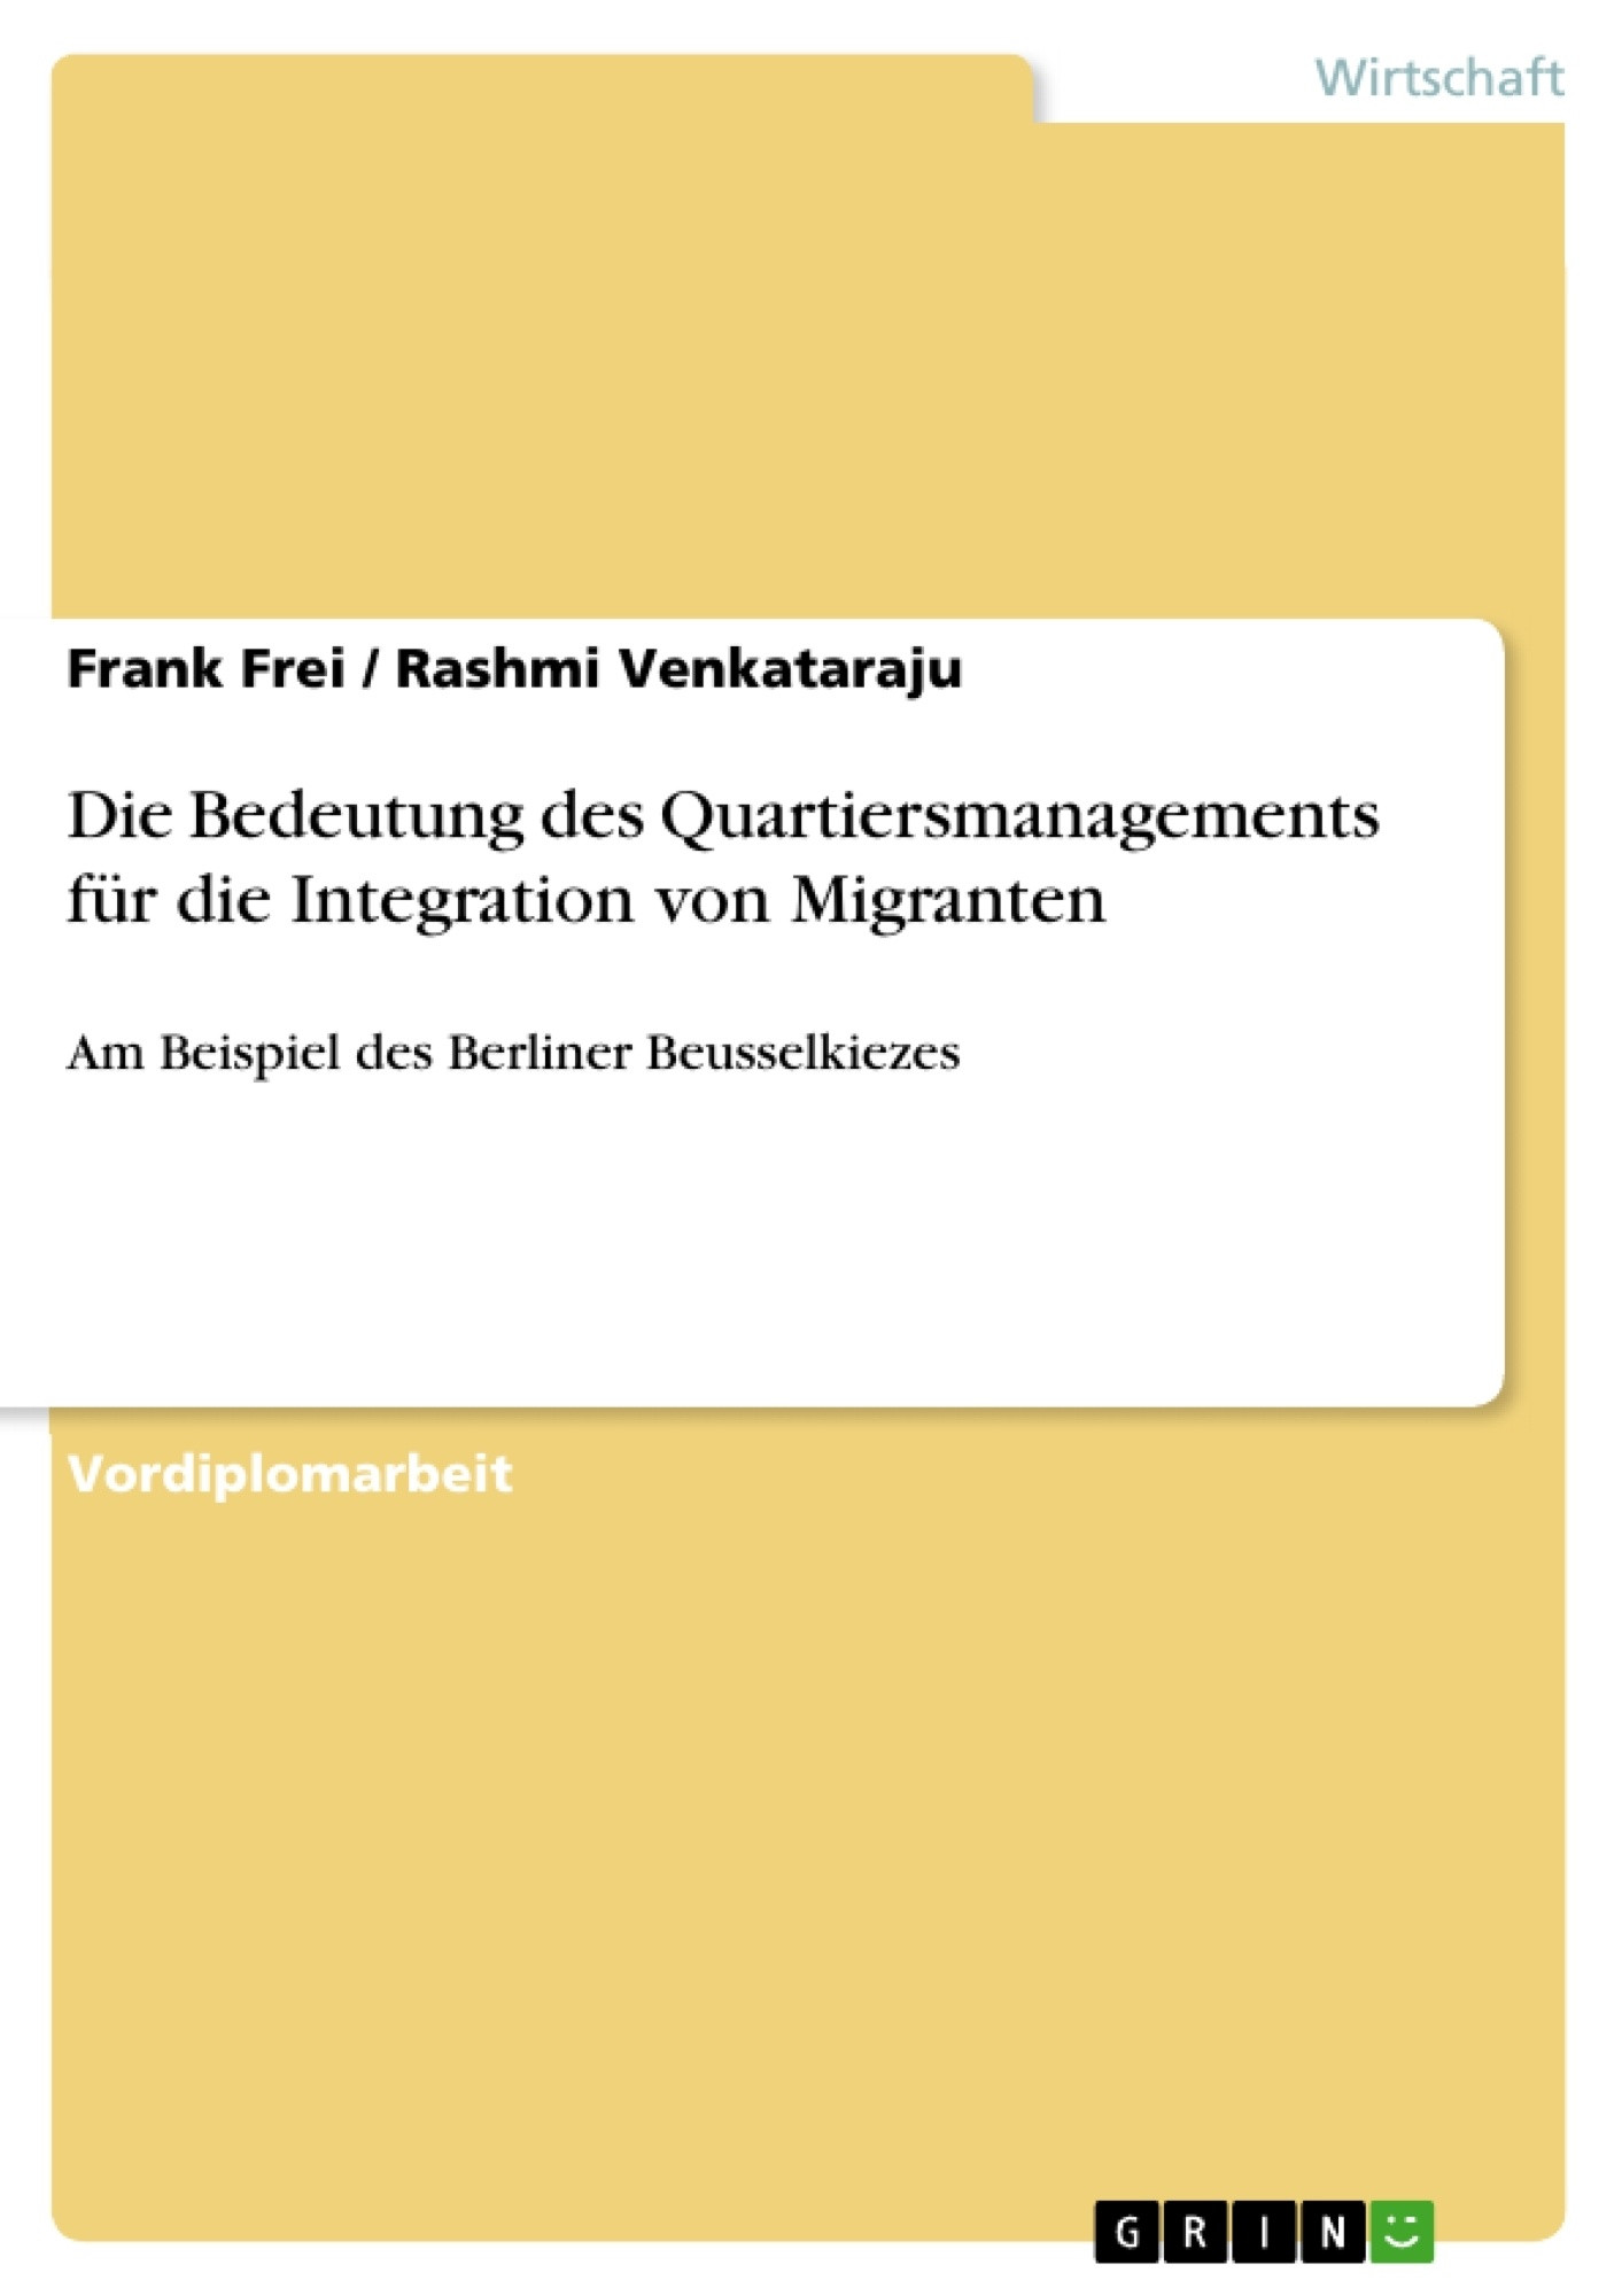 Titel: Die Bedeutung des Quartiersmanagements für die Integration von Migranten